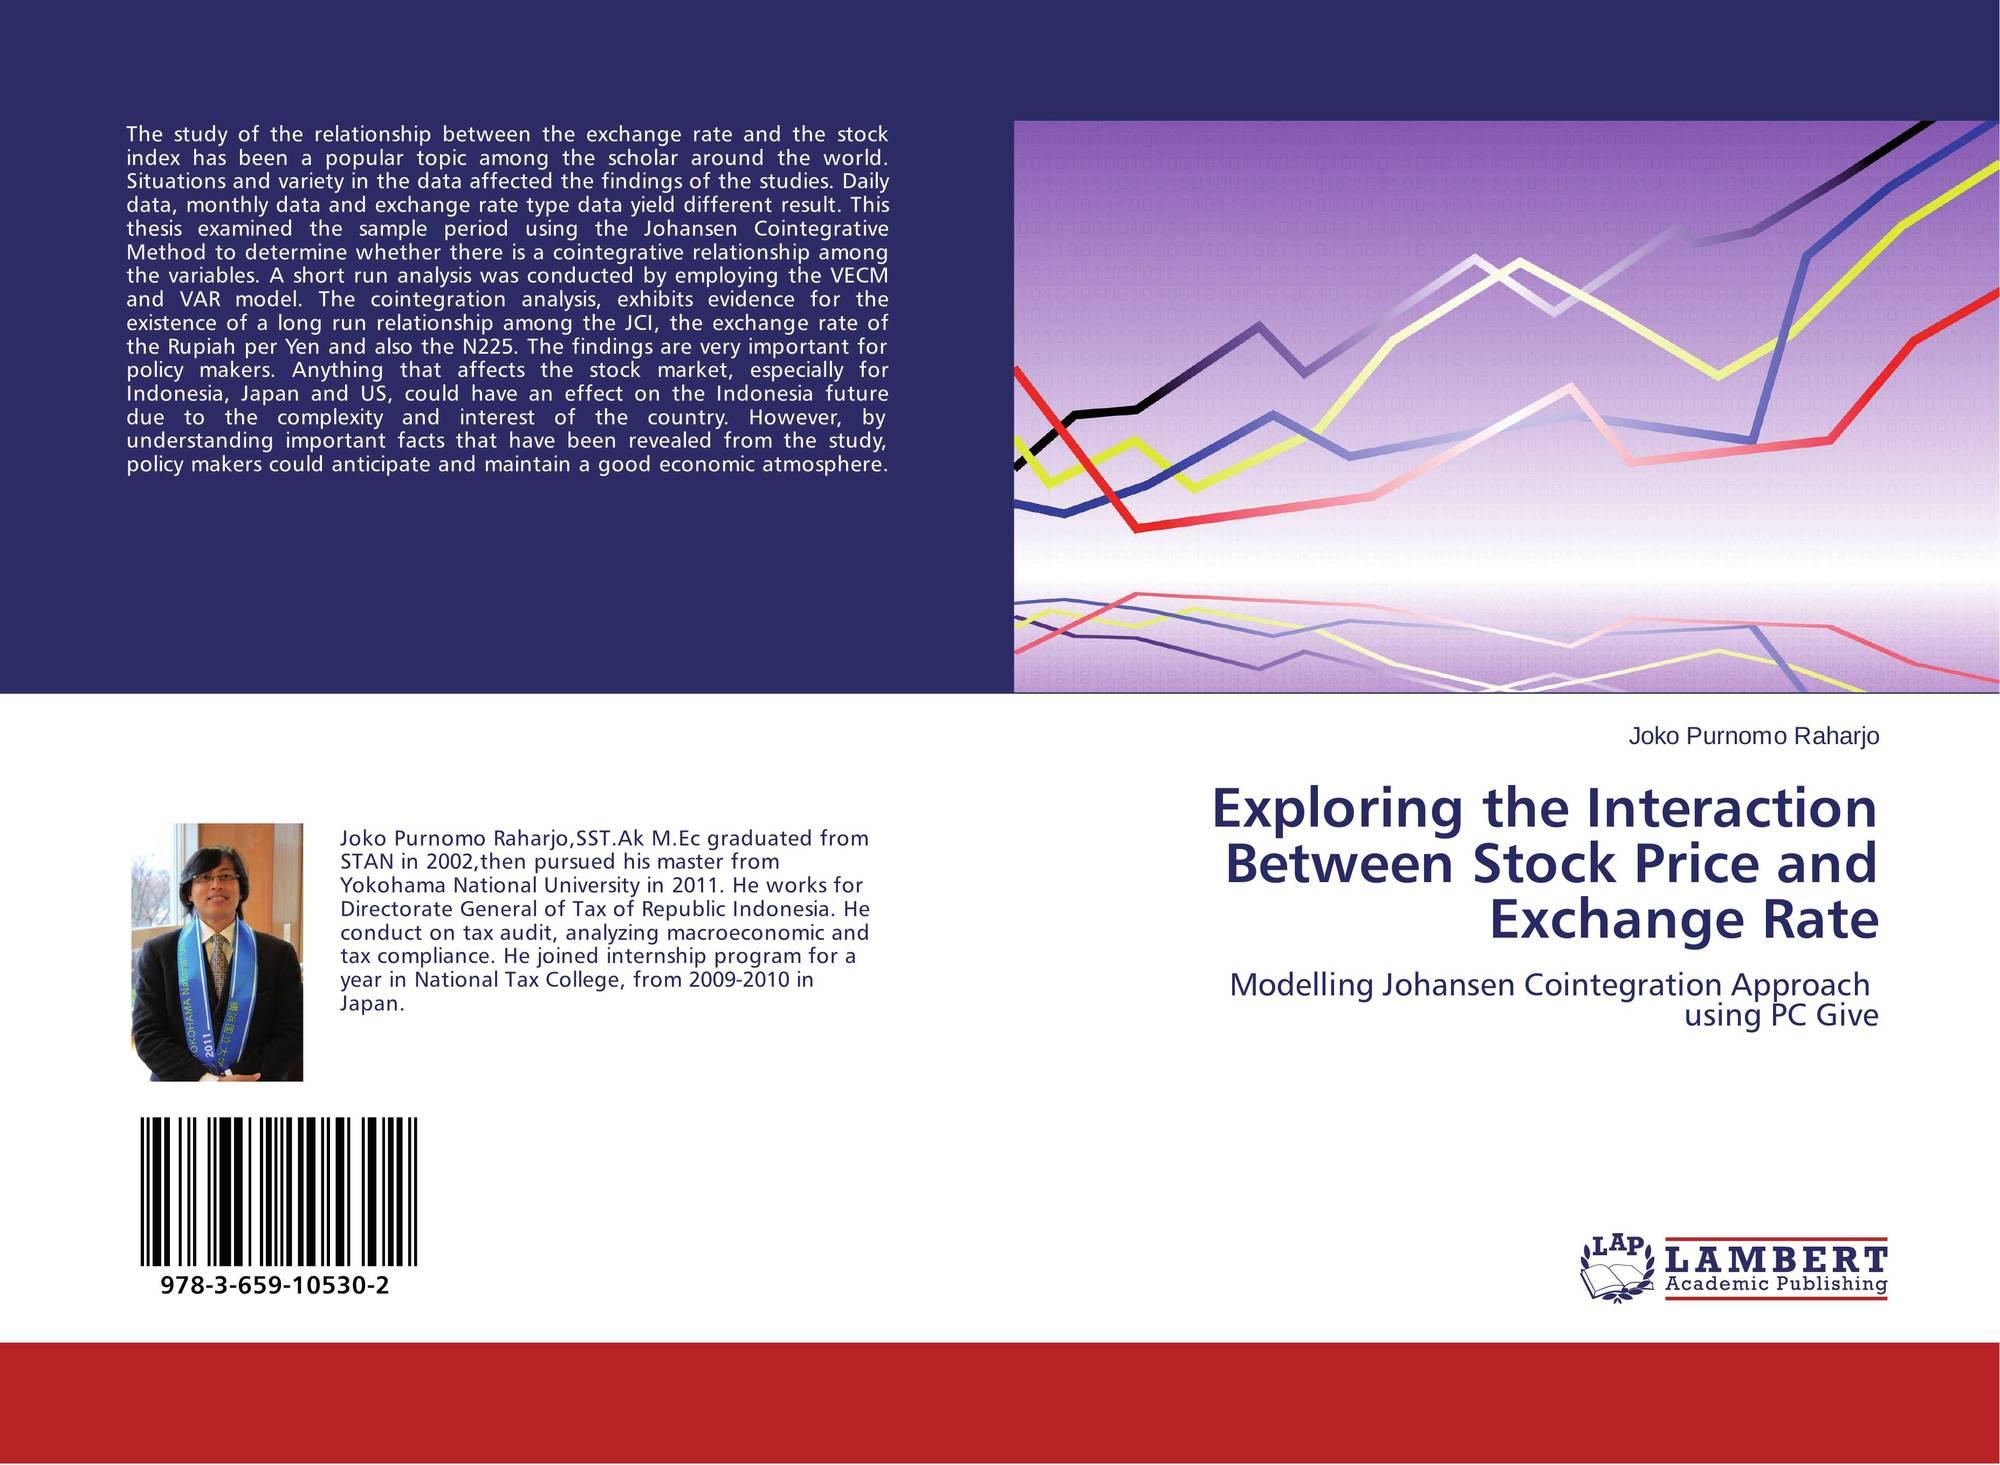 Interaction Between Stock Price